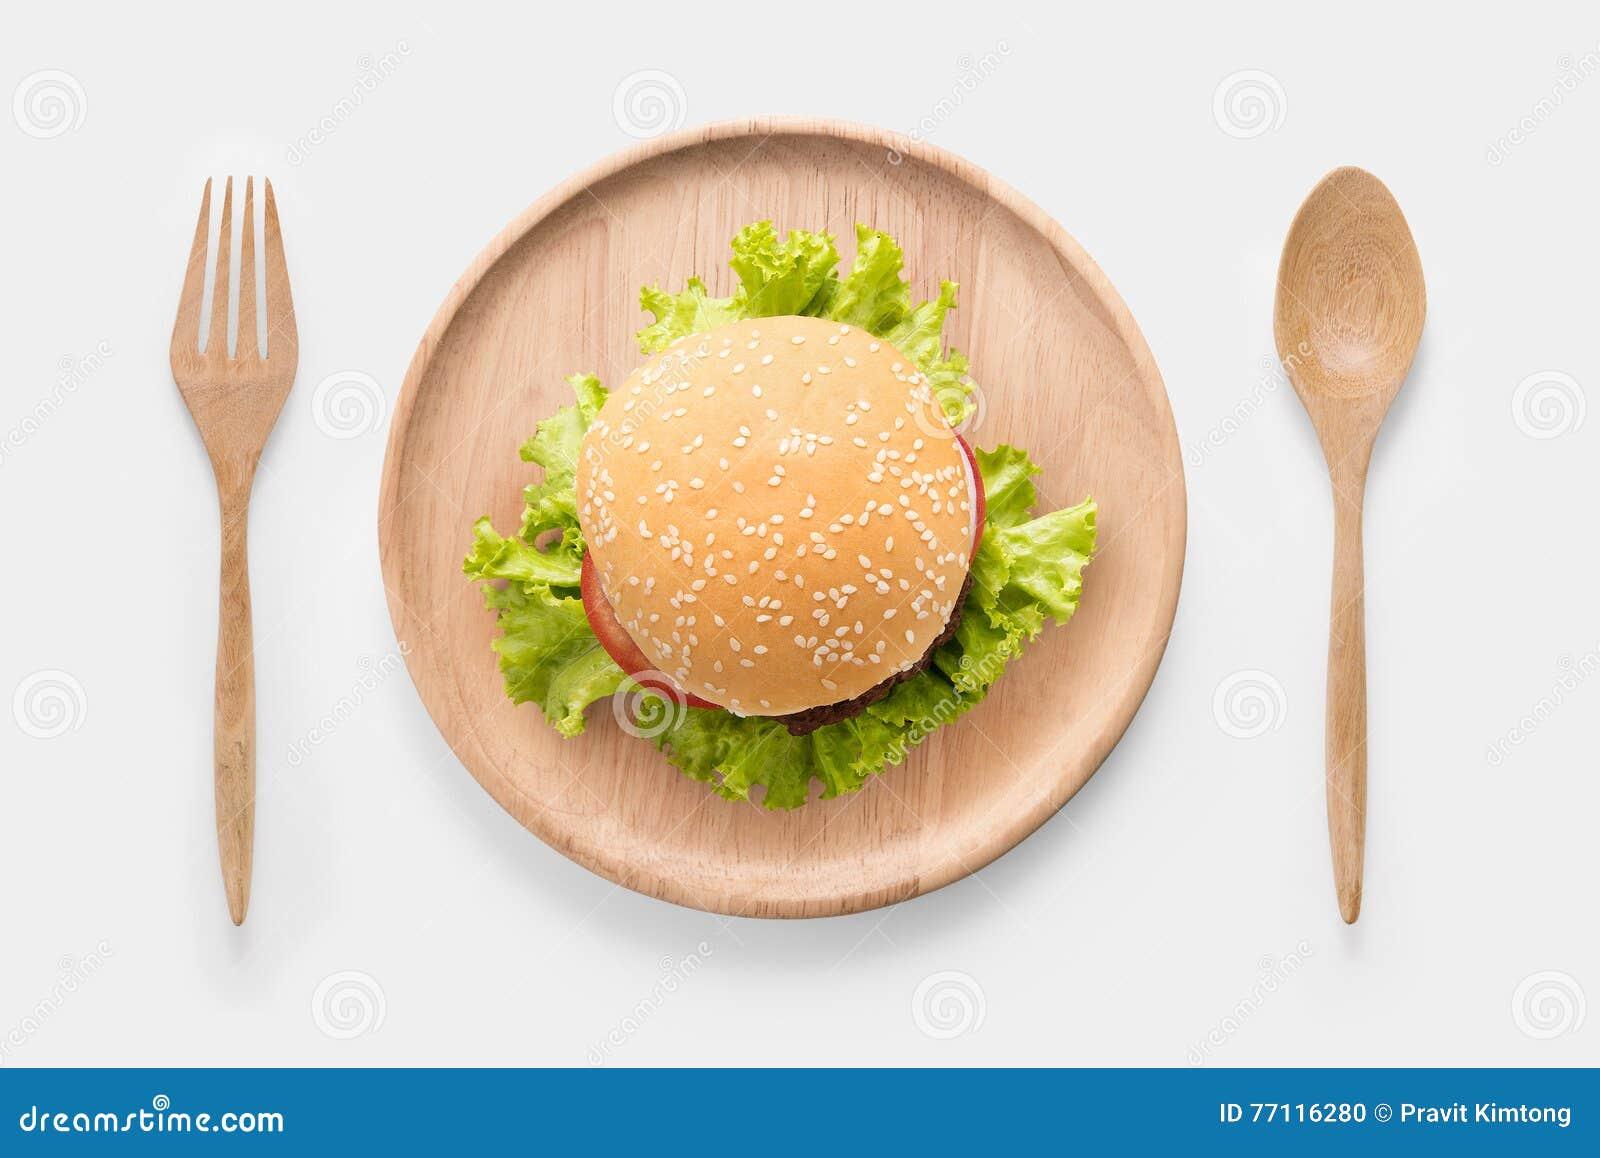 bbq burger auf dem h lzernen teller essen lokalisiert auf wei em hintergrund stockfoto bild. Black Bedroom Furniture Sets. Home Design Ideas